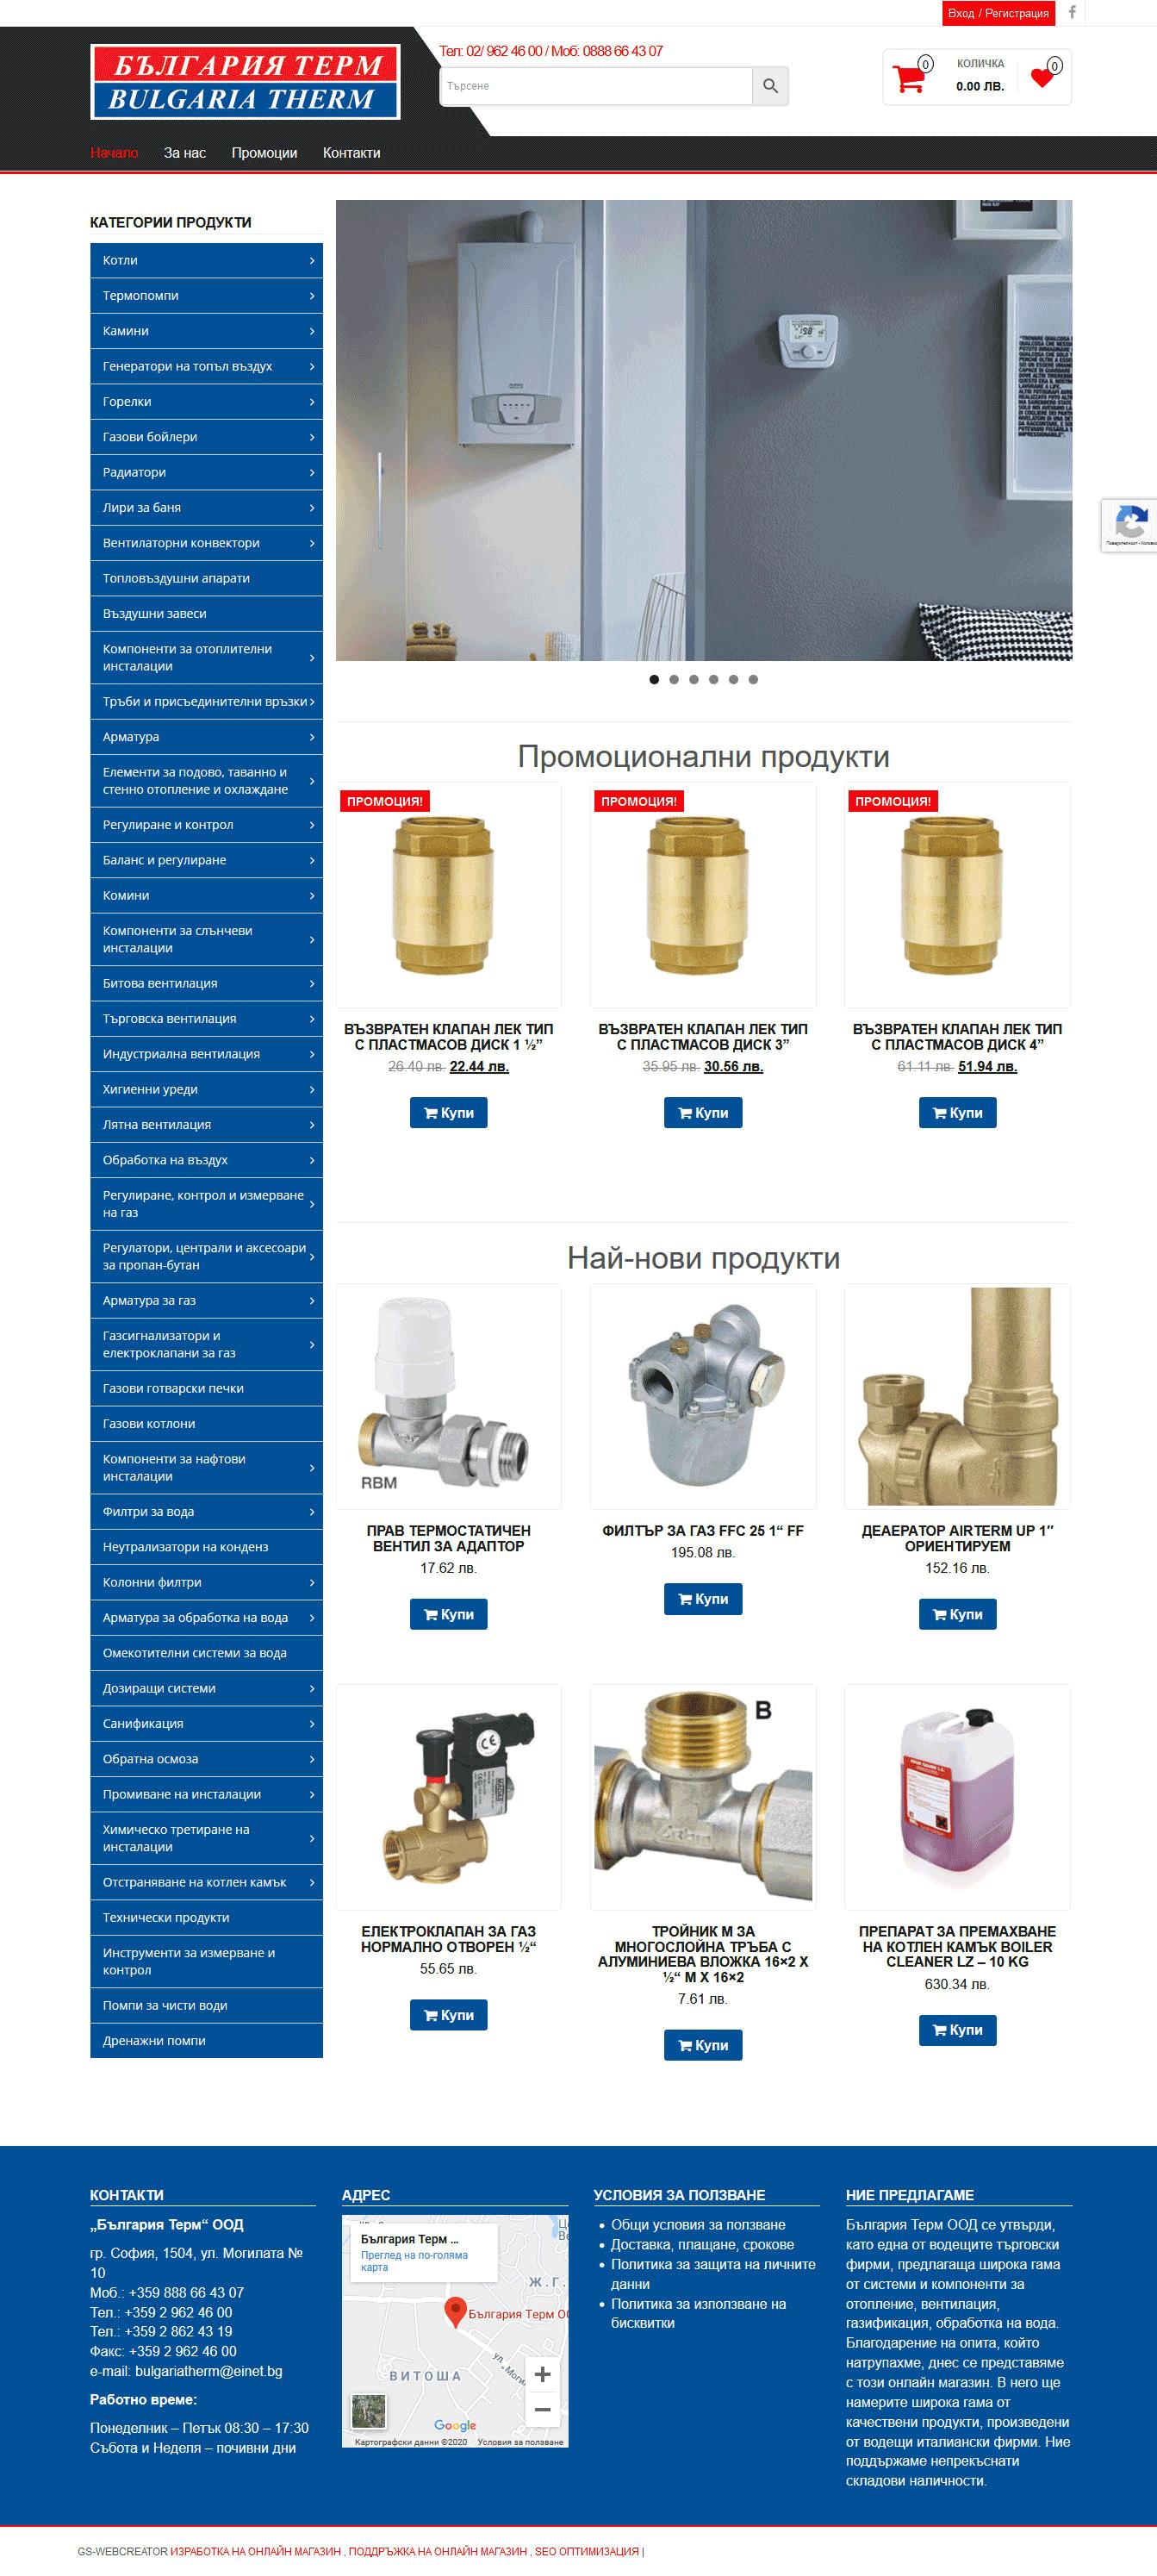 Изработка на онлайн магазин за отопление, вентилация, газификация, обработка на вода на фирма България Терм от екипа на GS-WebCreator